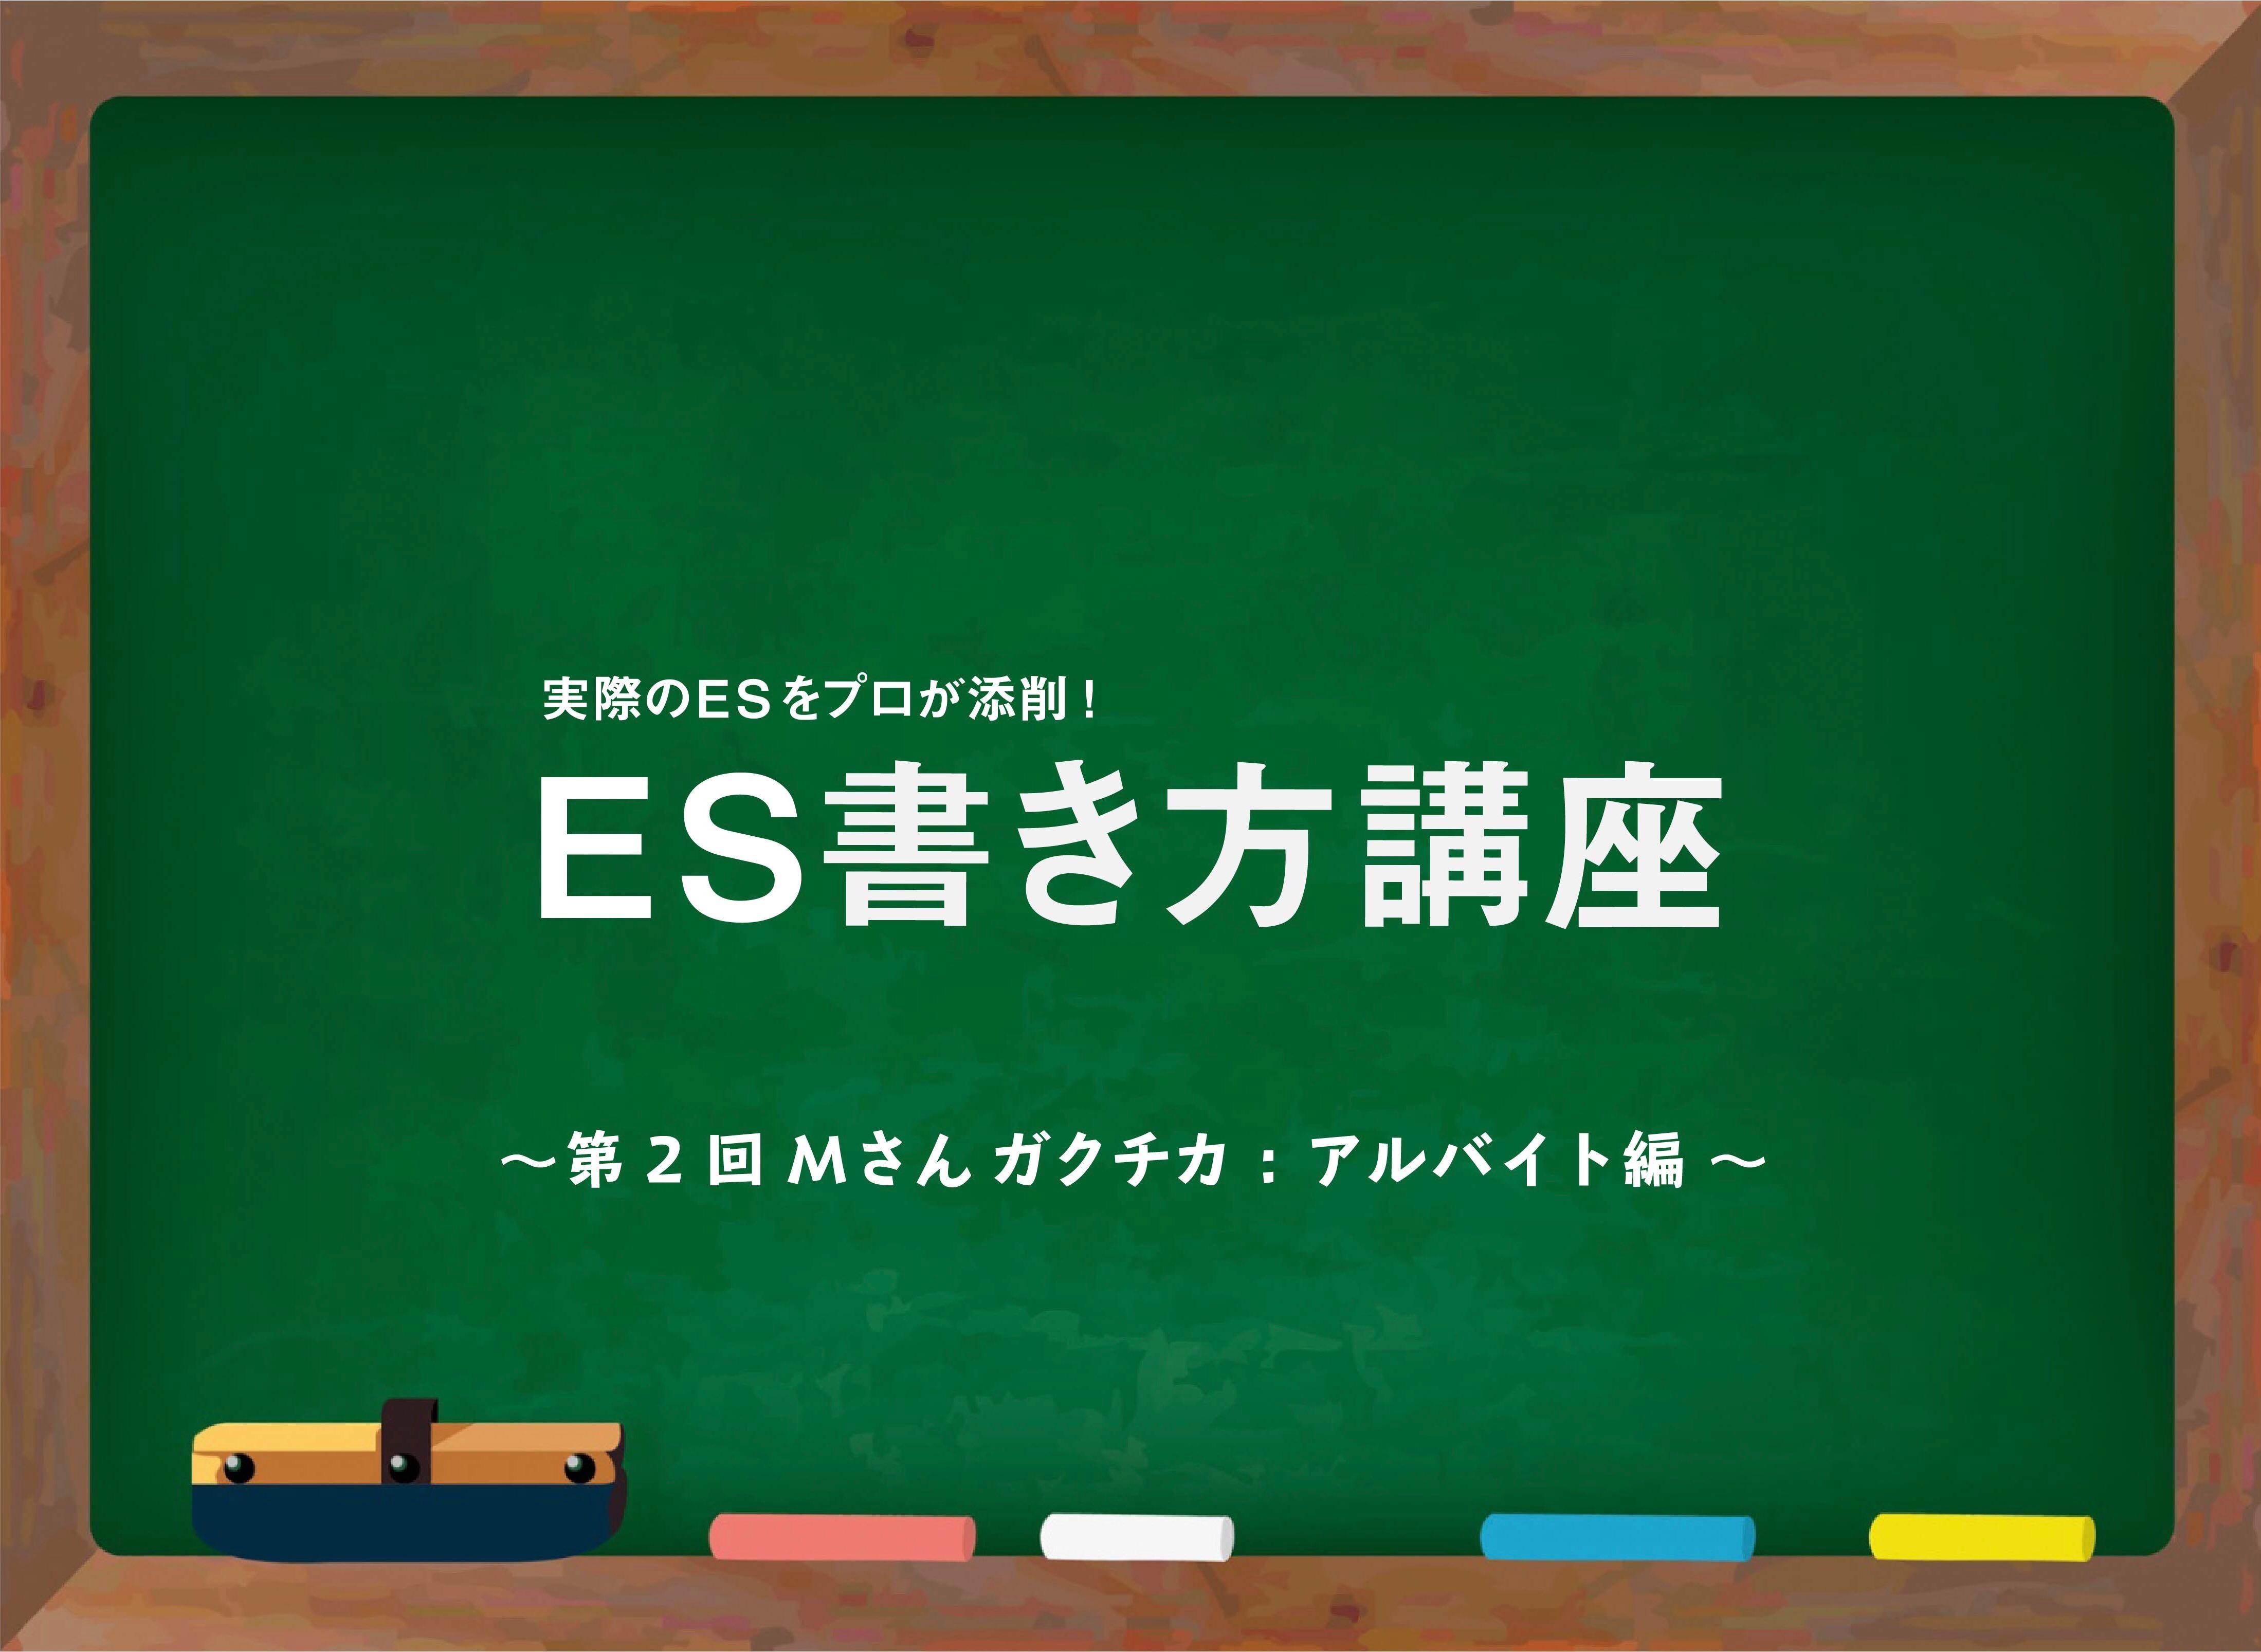 【実際のESをプロが添削!ES書き方講座#2】~Mさんガクチカ:アルバイト編~